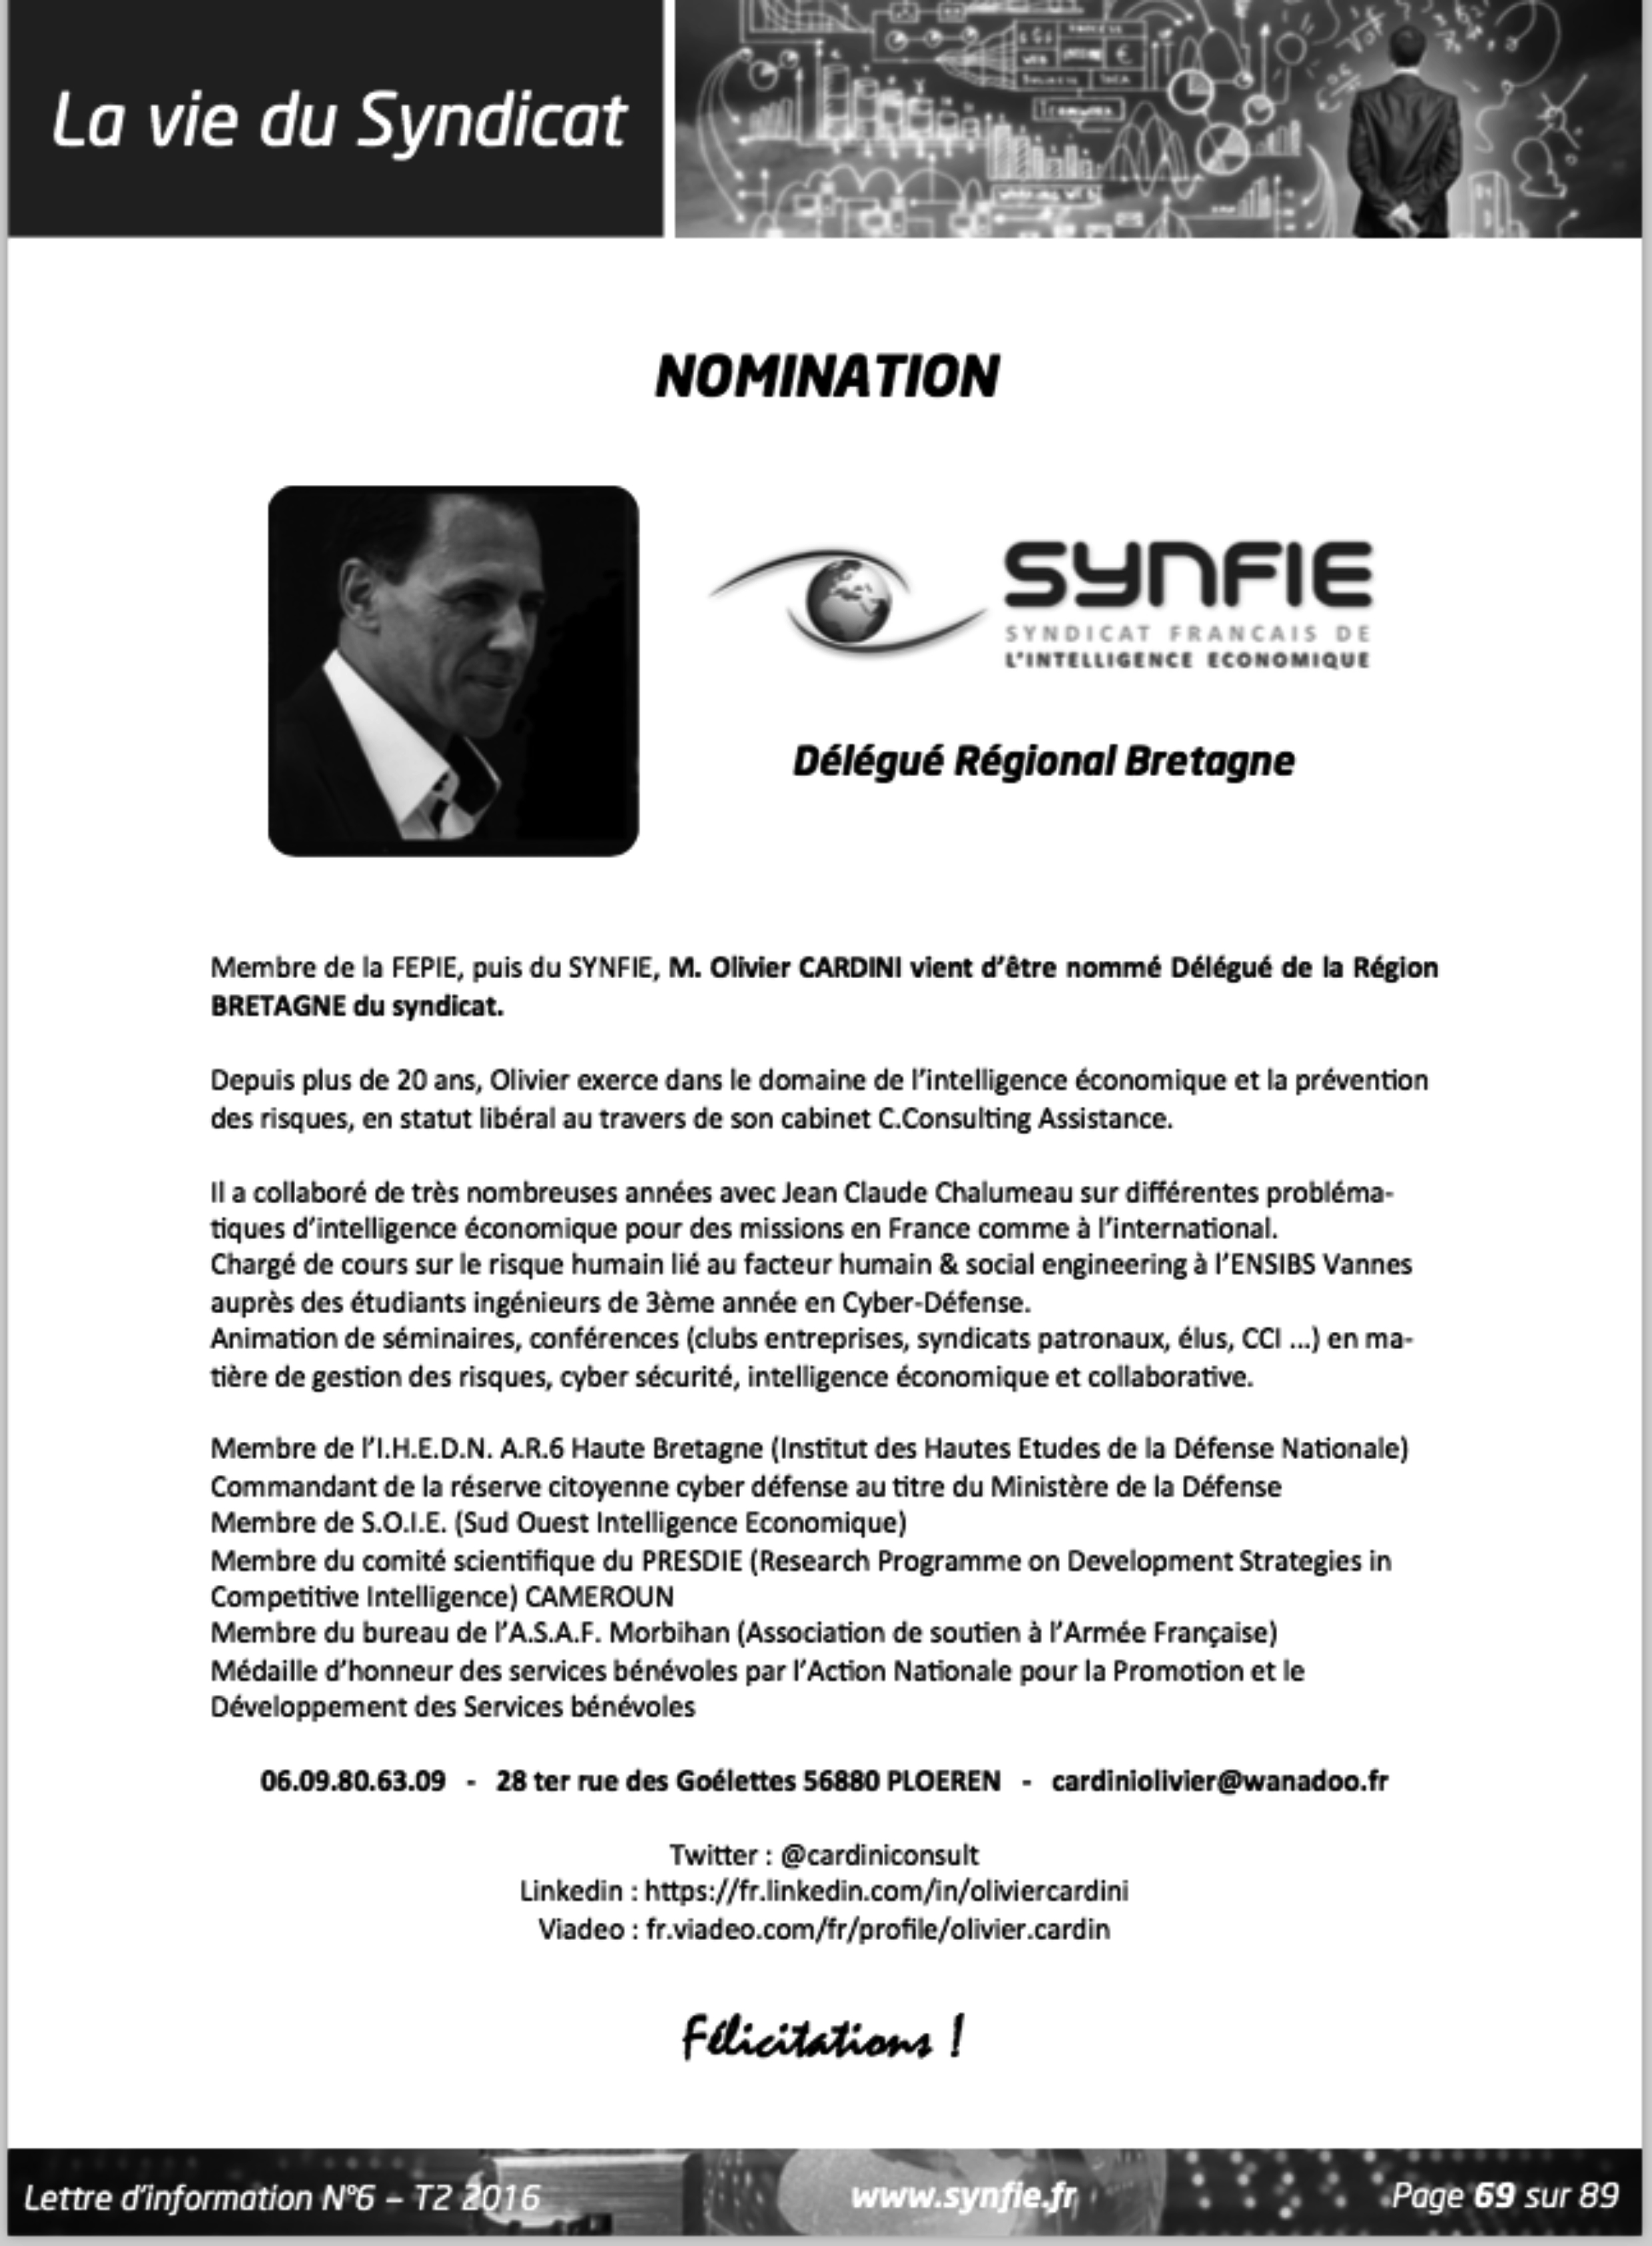 NOMINATION. Olivier CARDINI vient d'être nommé Délégué de la Région BRETAGNE du syndicat SYNFIE